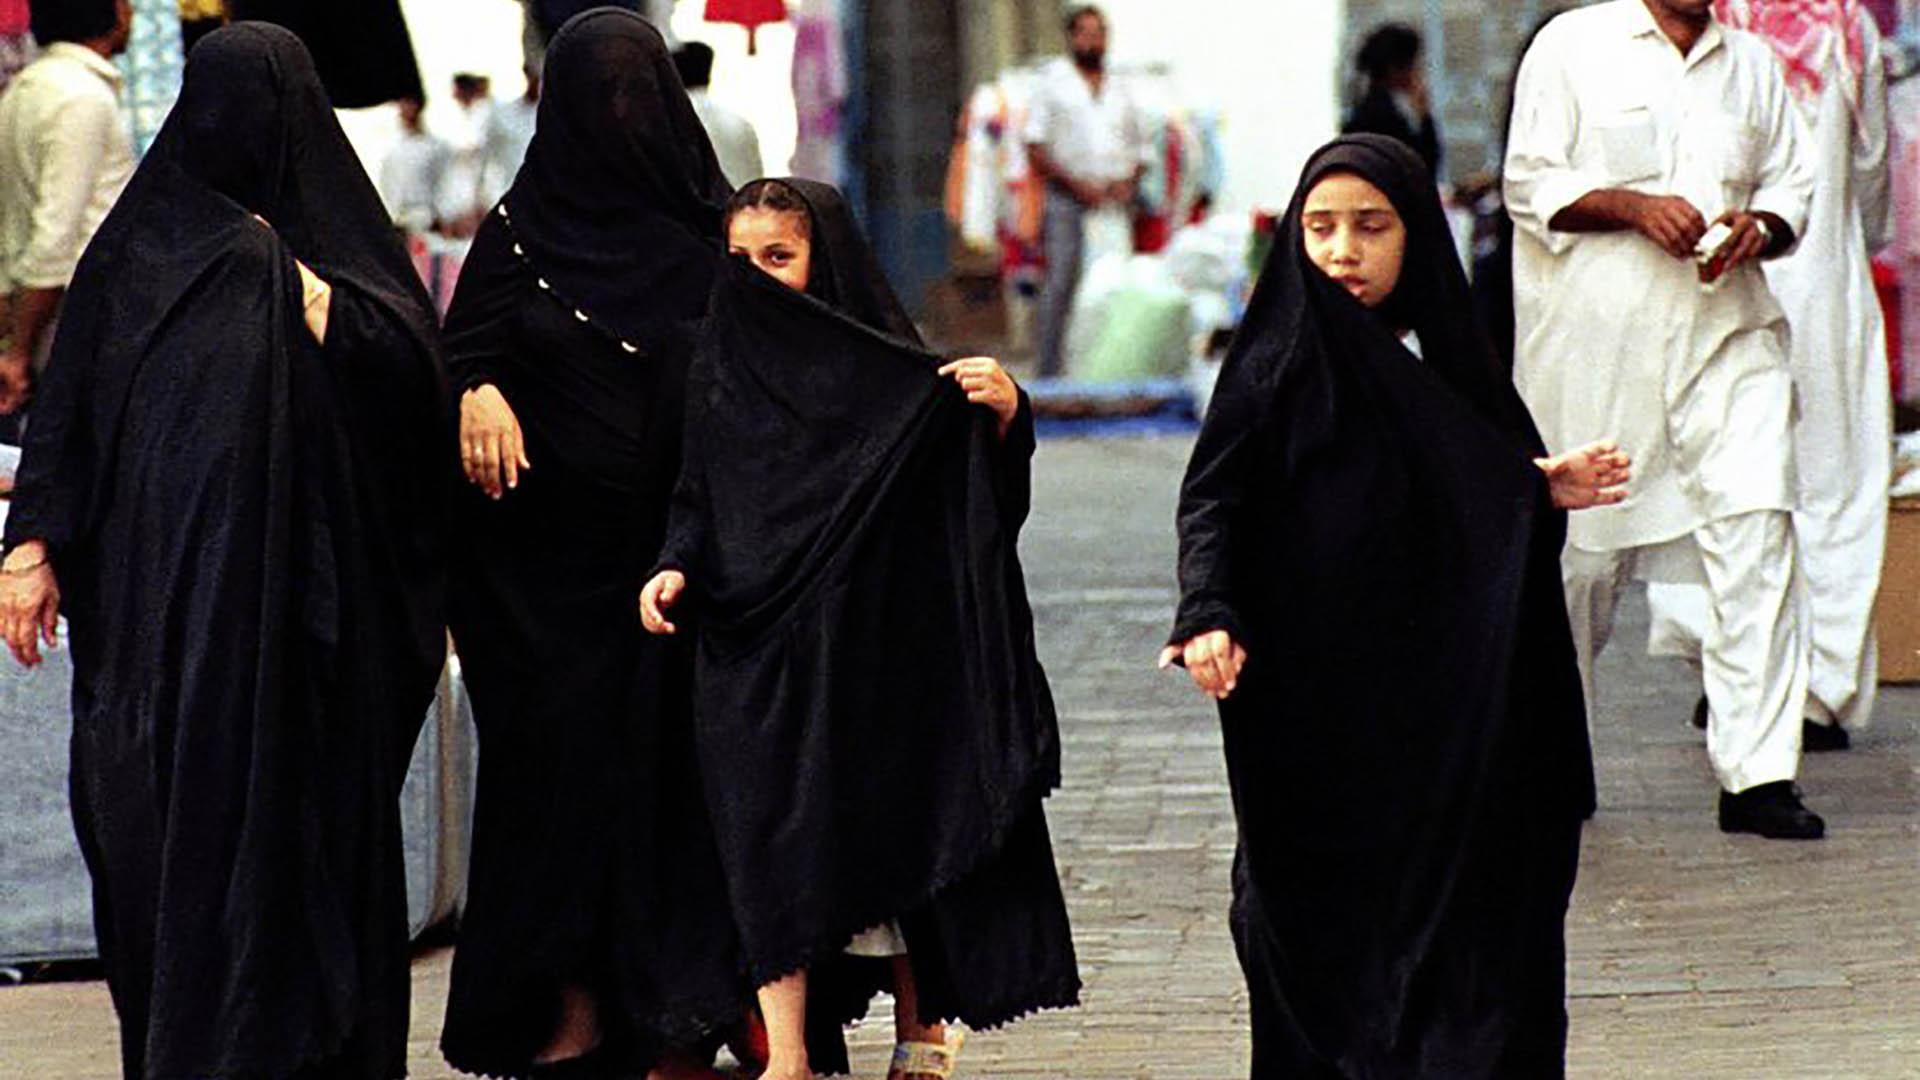 Las mujeres en Arabia Saudita viven bajo un régimen de tutela (AP)